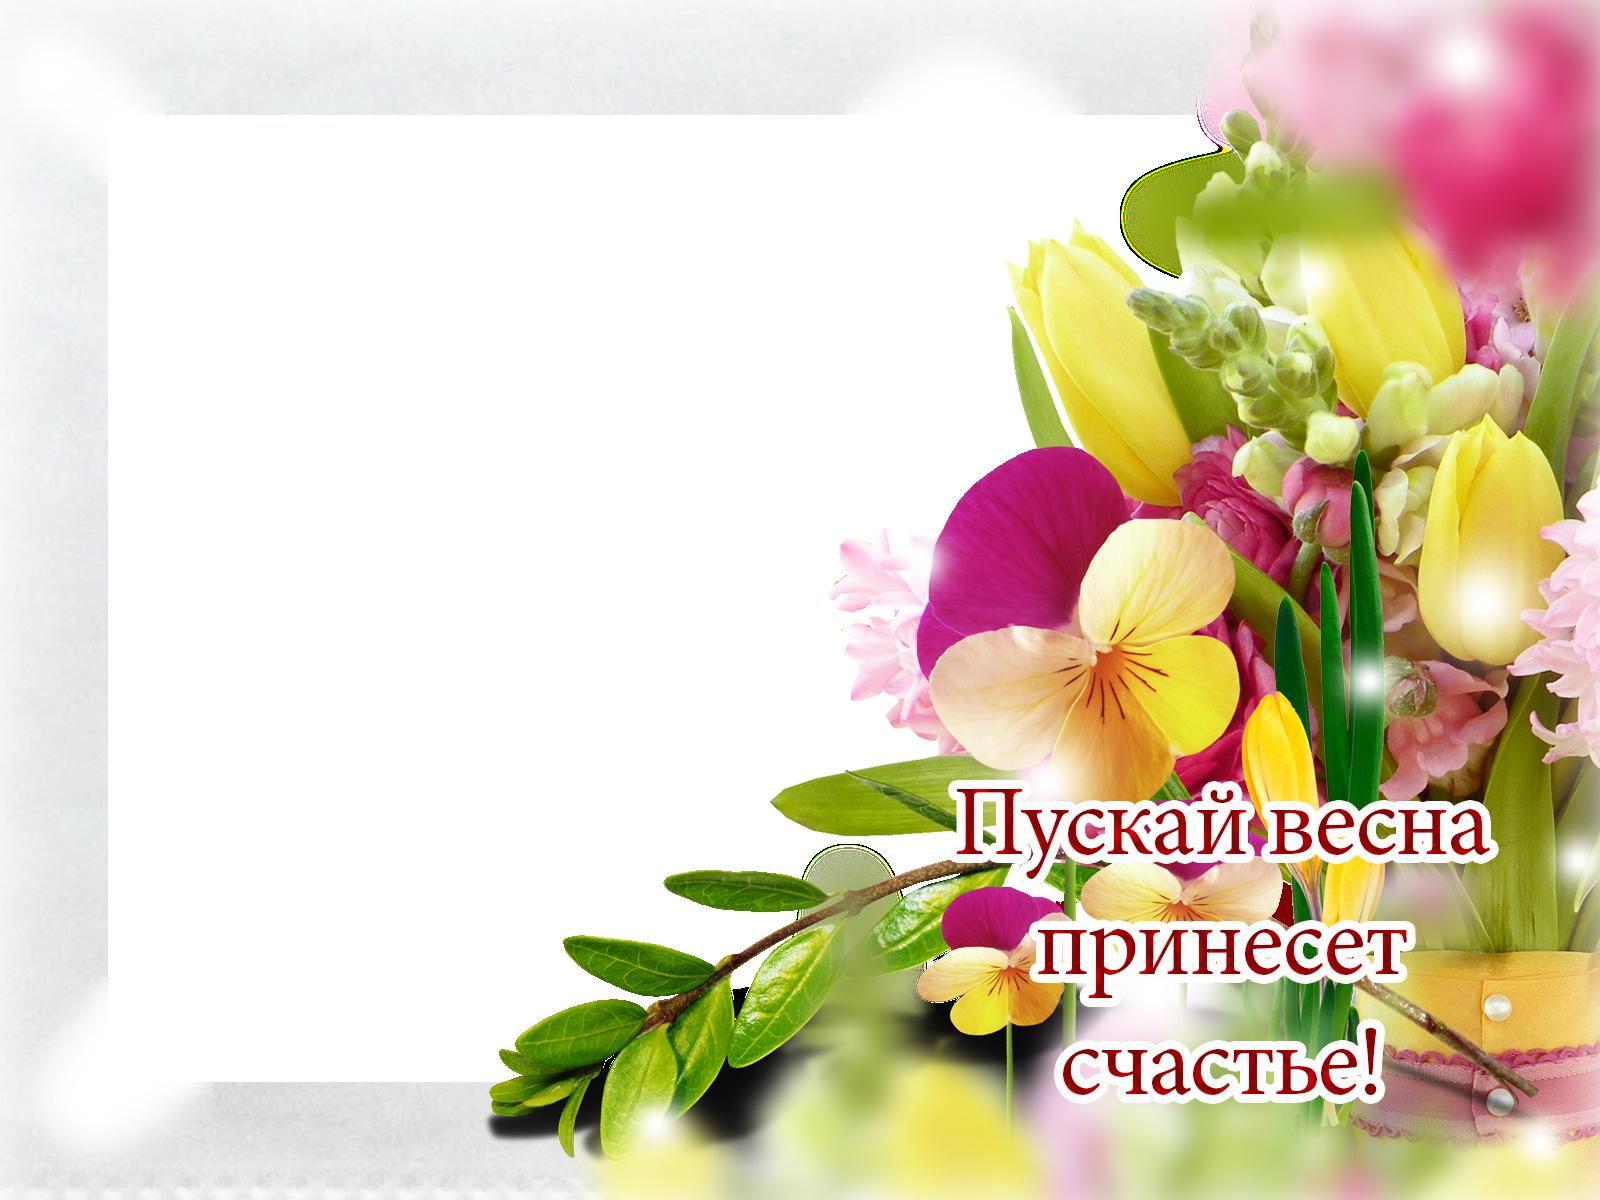 Фоторамка Пускай весна принесет счатье! Фоторамка для фотошопа, PNG шаблон. Фоторамка с пожеланием. Пусть весна принесет счастье! Весенняя открытка. Первый день весны. 1 марта. Букет цветов.